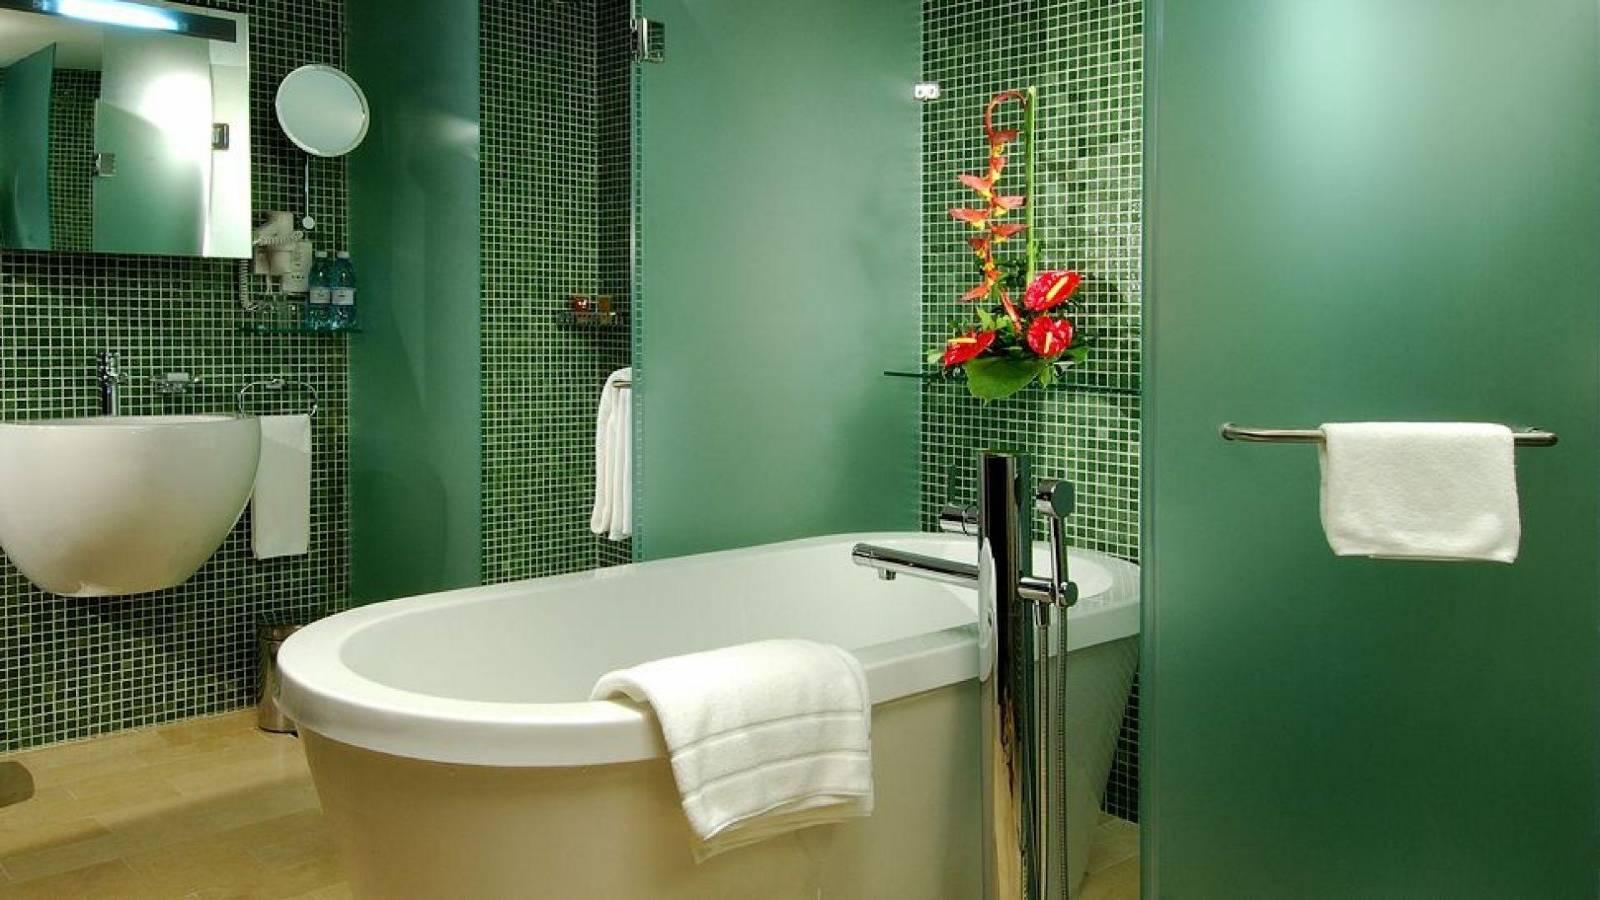 Покраска стен в ванной комнате зеленым цветом